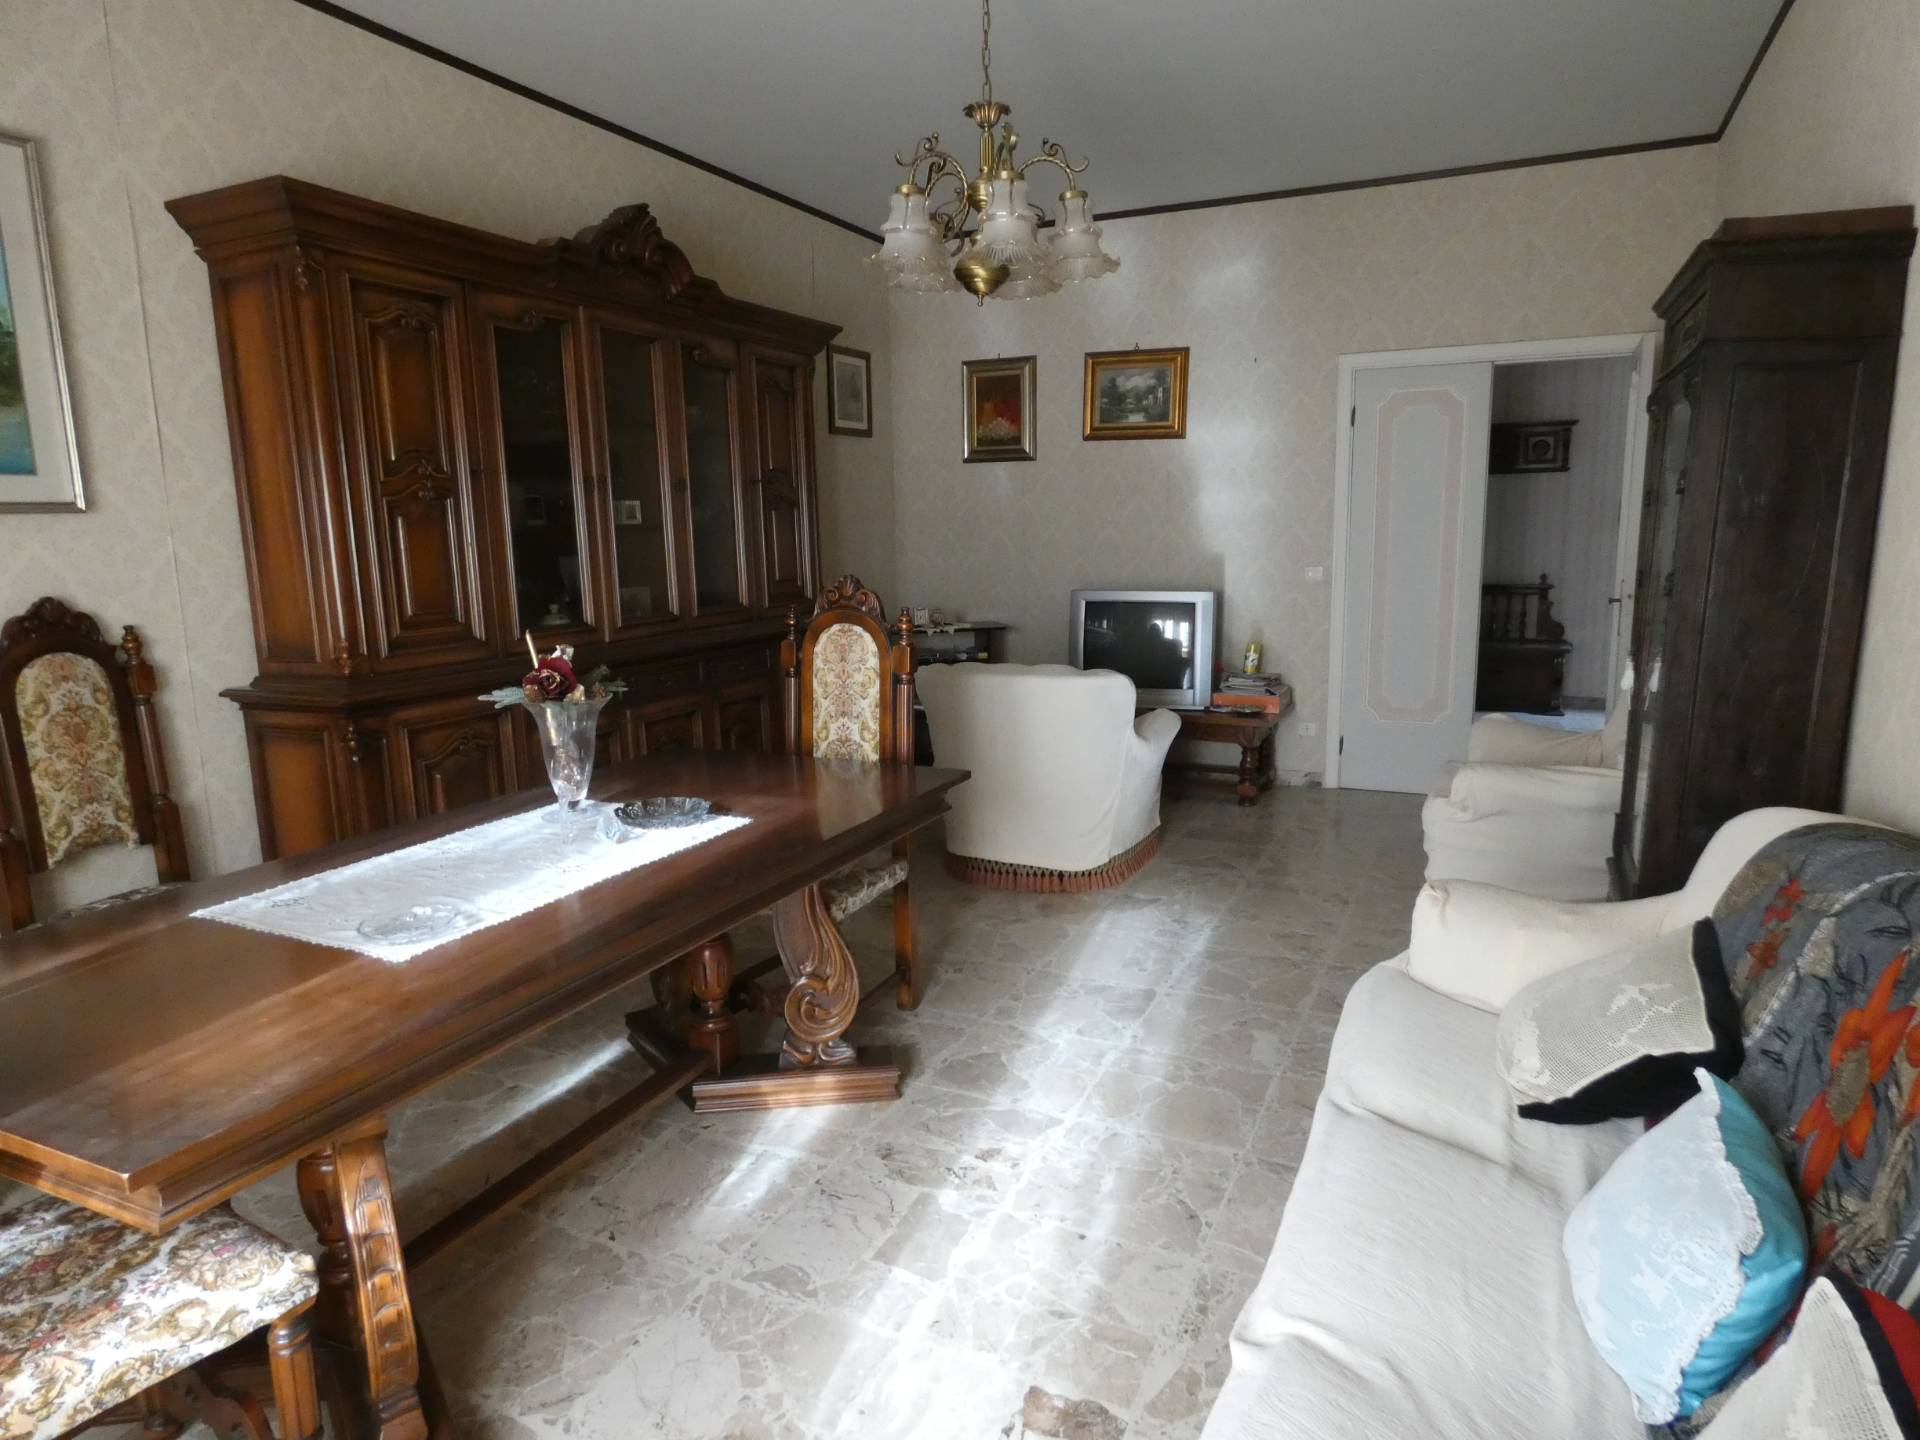 Appartamento in vendita a Macerata, 5 locali, zona Località: PACE, prezzo € 105.000   CambioCasa.it